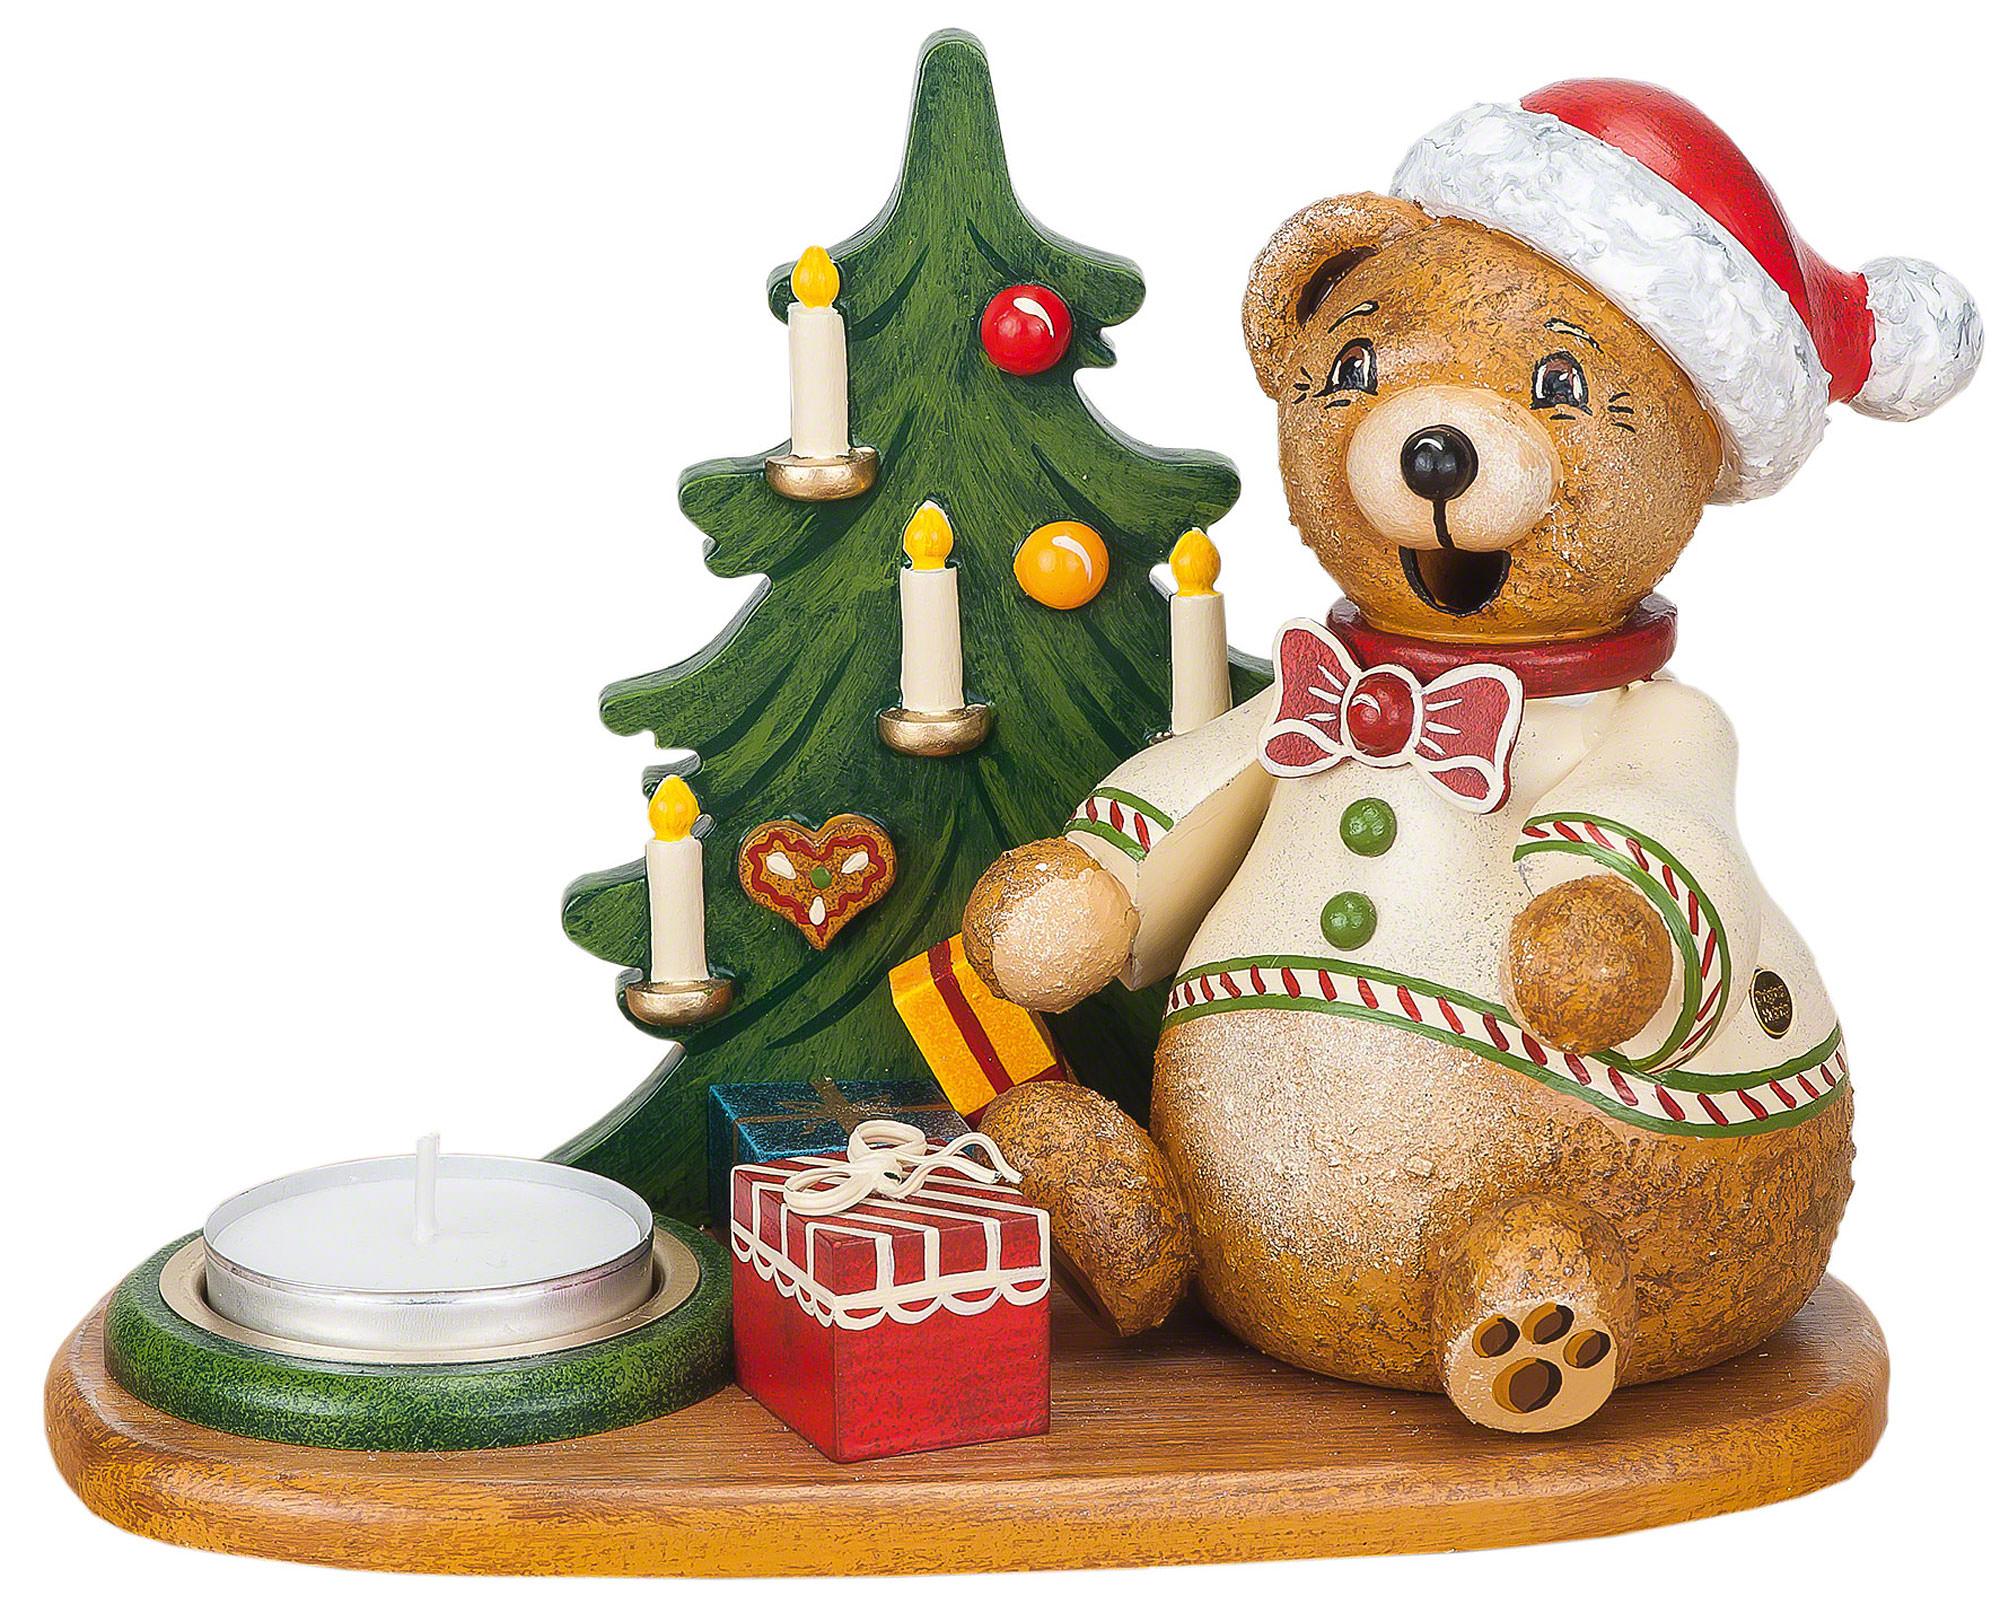 Räuchermännchen Hubiduu - Teddys Weihnachtsgeschenke mit Teelicht ...